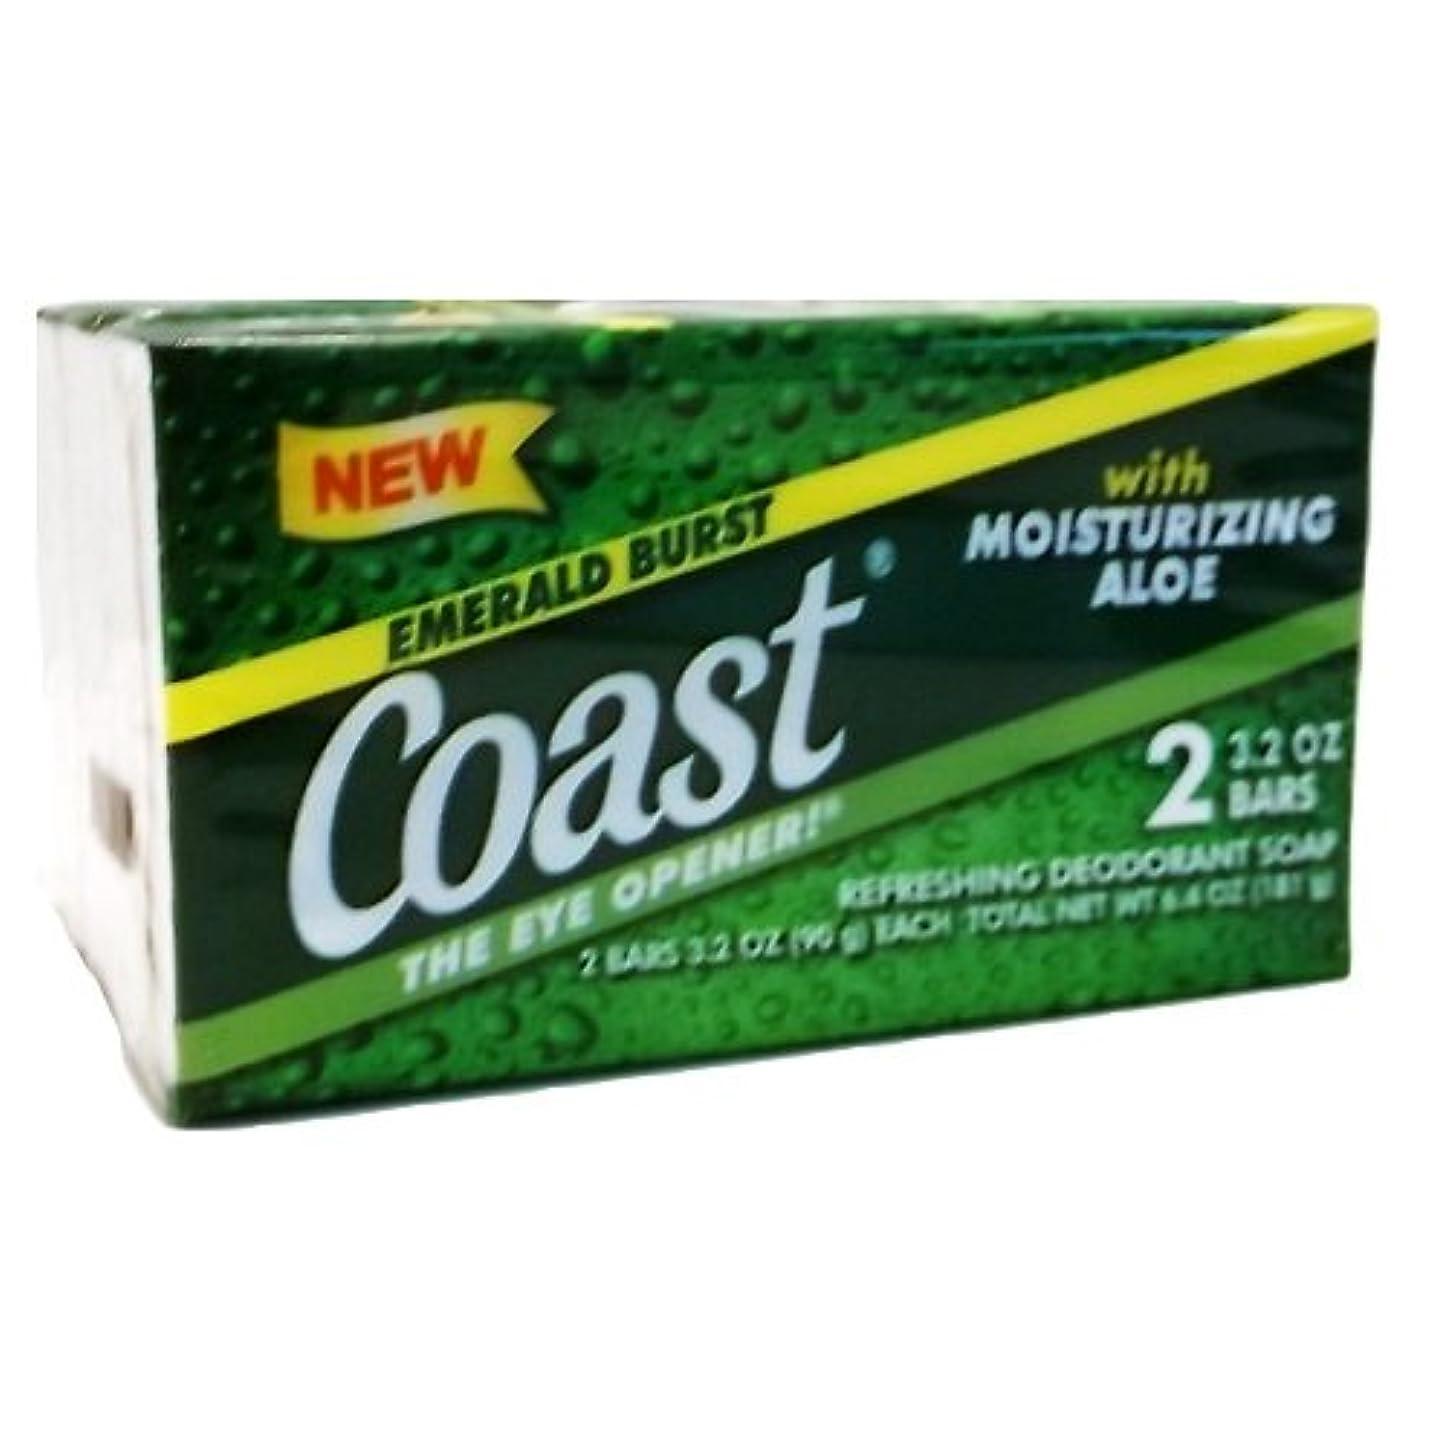 乱気流億プランターコースト(Coast) 石けんエメラルドバースト2個入り×24パック(48個)